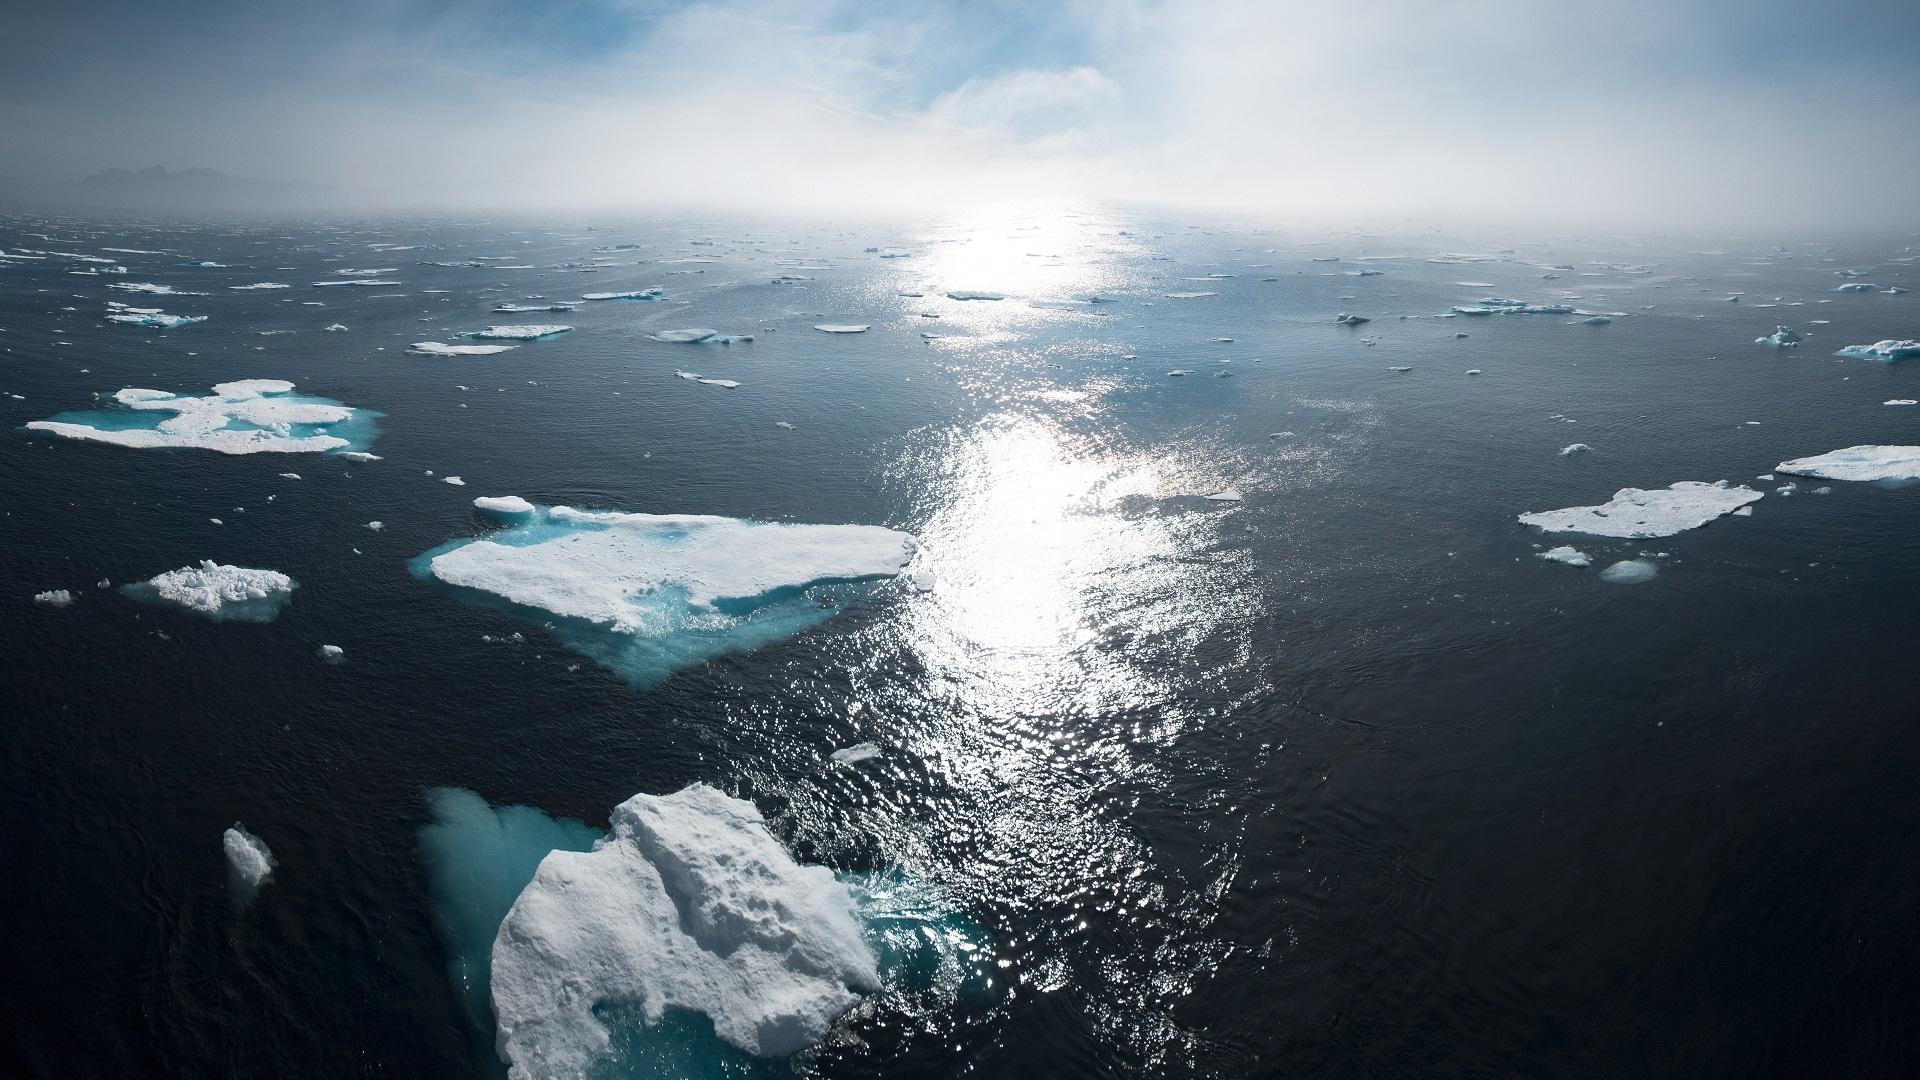 Pedazos de hielo en Groenlandia. Foto de William Bossen / Unsplash